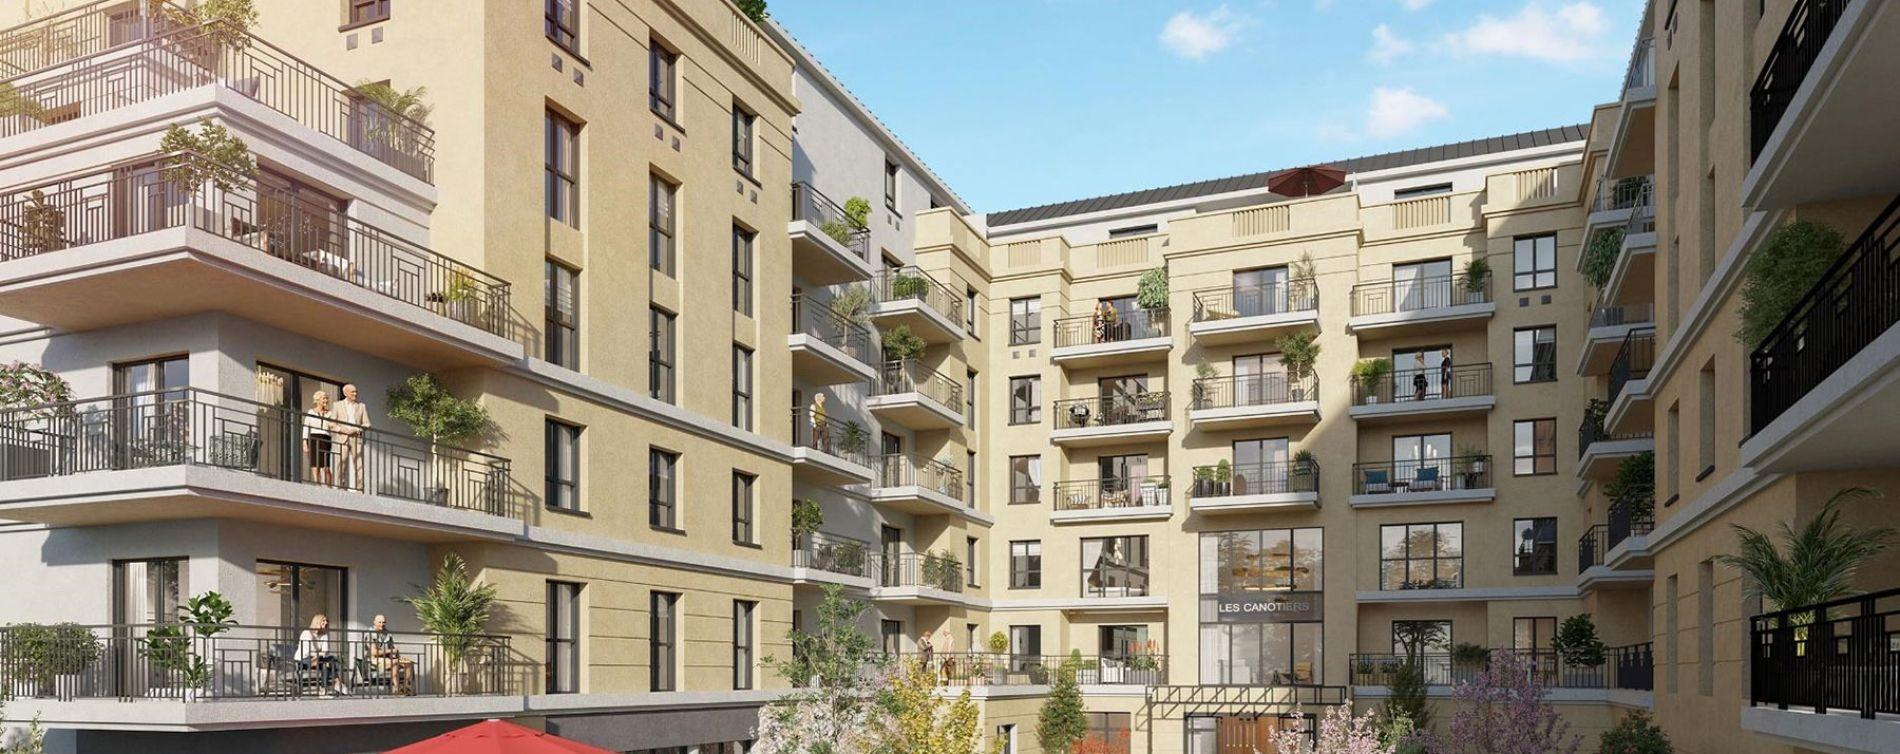 Argenteuil : programme immobilier neuve « Les Canotiers »